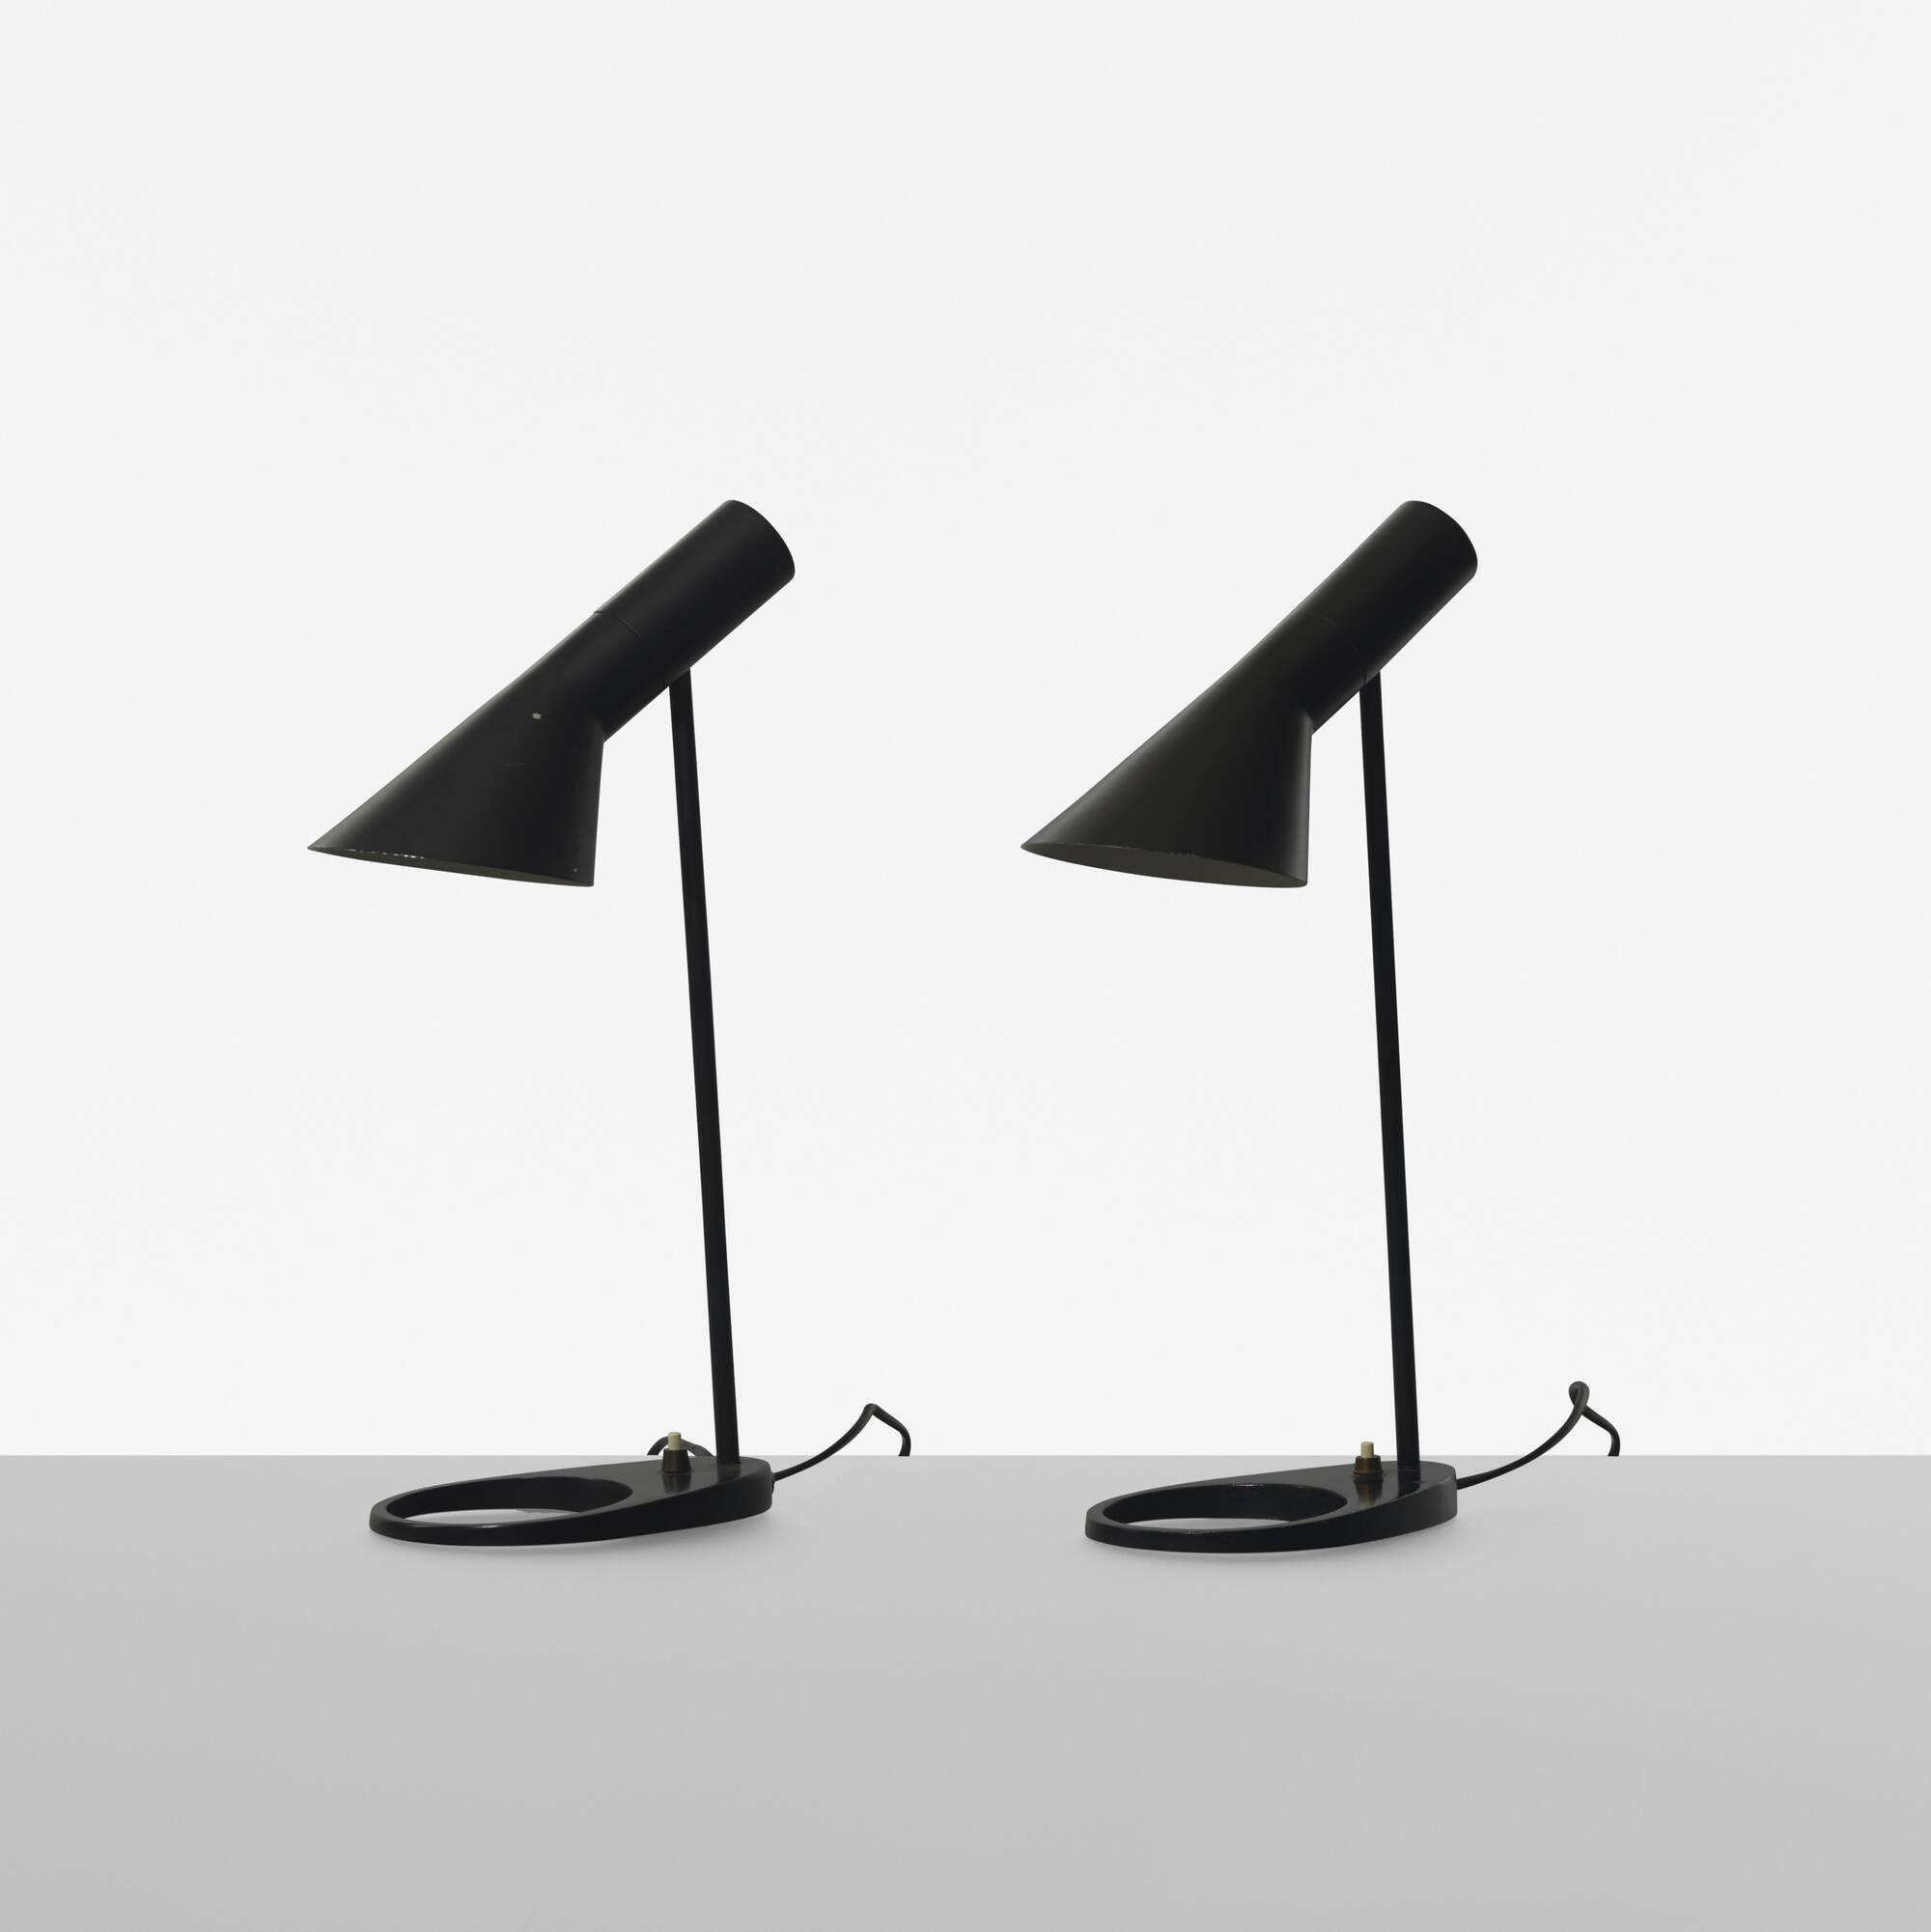 224: Arne Jacobsen / Visor lamps, pair (1 of 1)